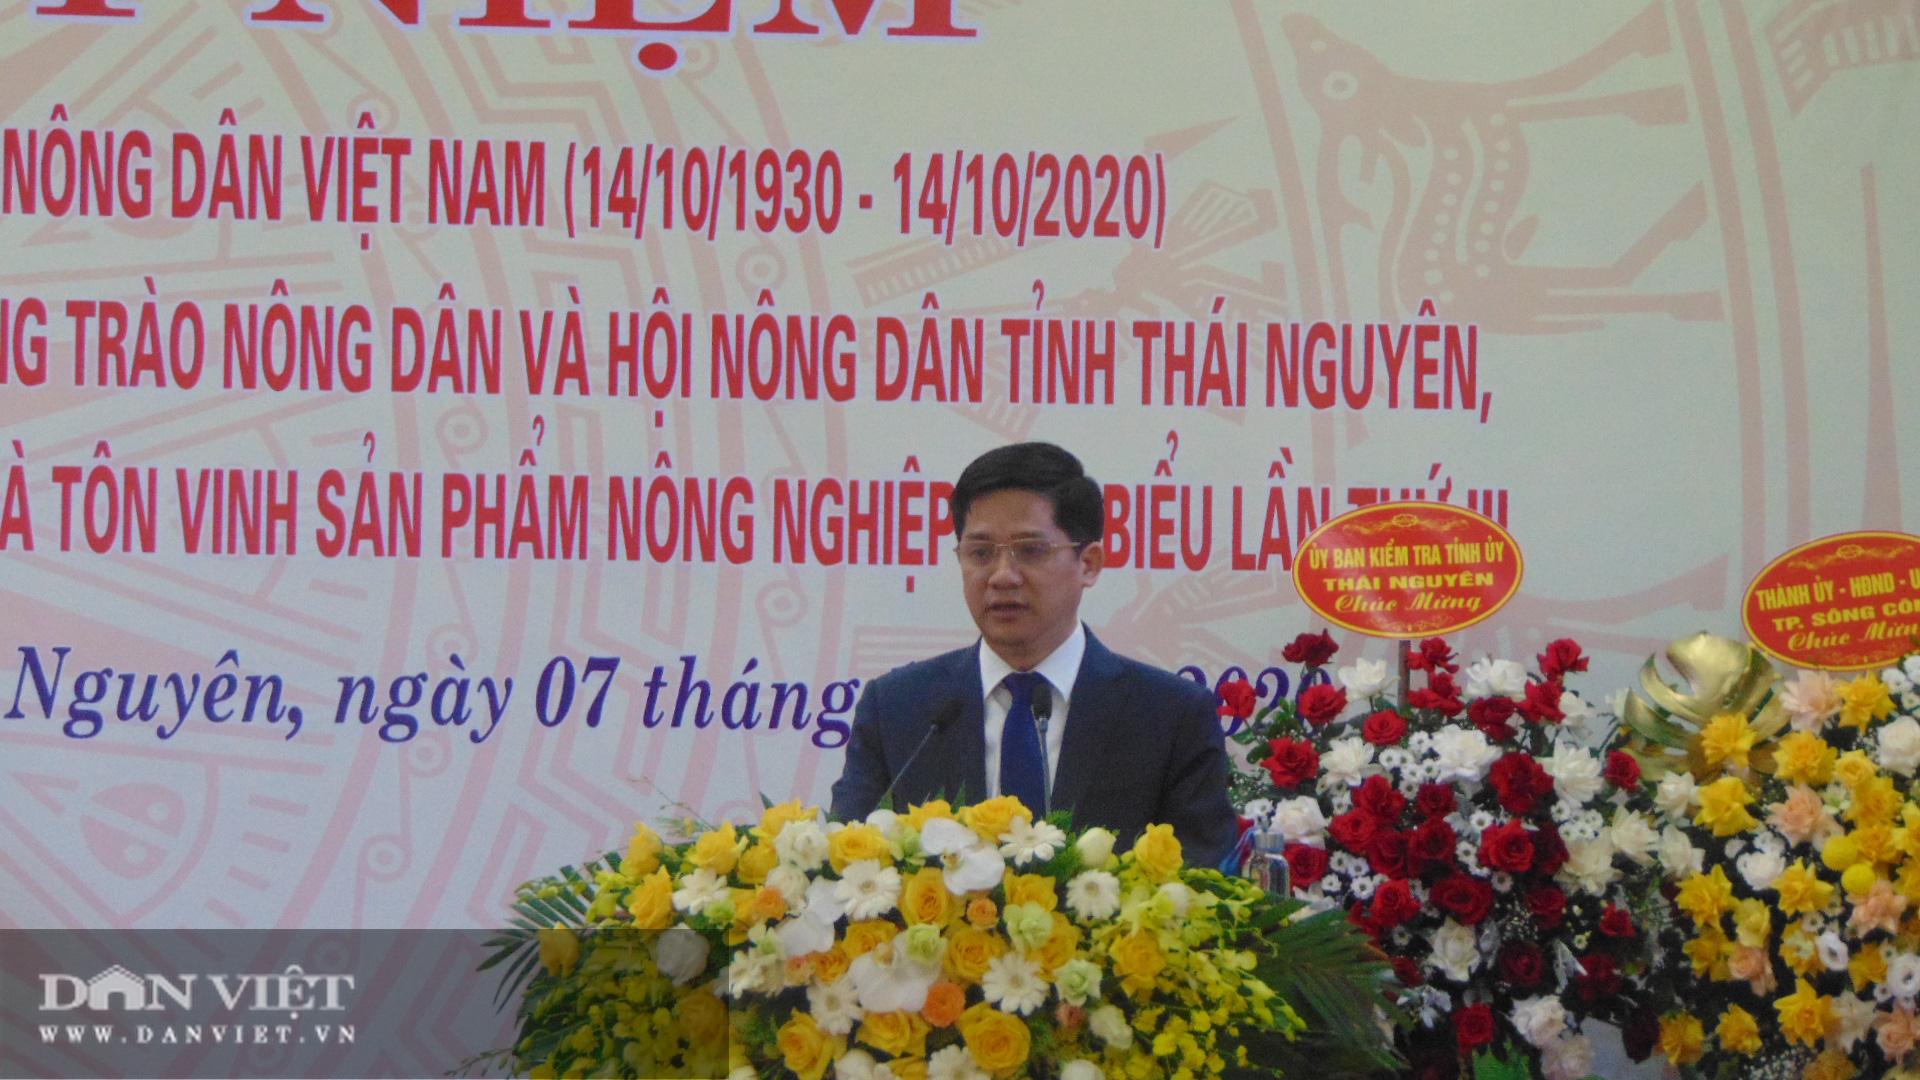 HND tỉnh Thái Nguyên biểu dương nhiều tập thể, cá nhân điển hình tiên tiến và tôn vinh 30 sản phẩm nông nghiệp tiêu biểu - Ảnh 6.